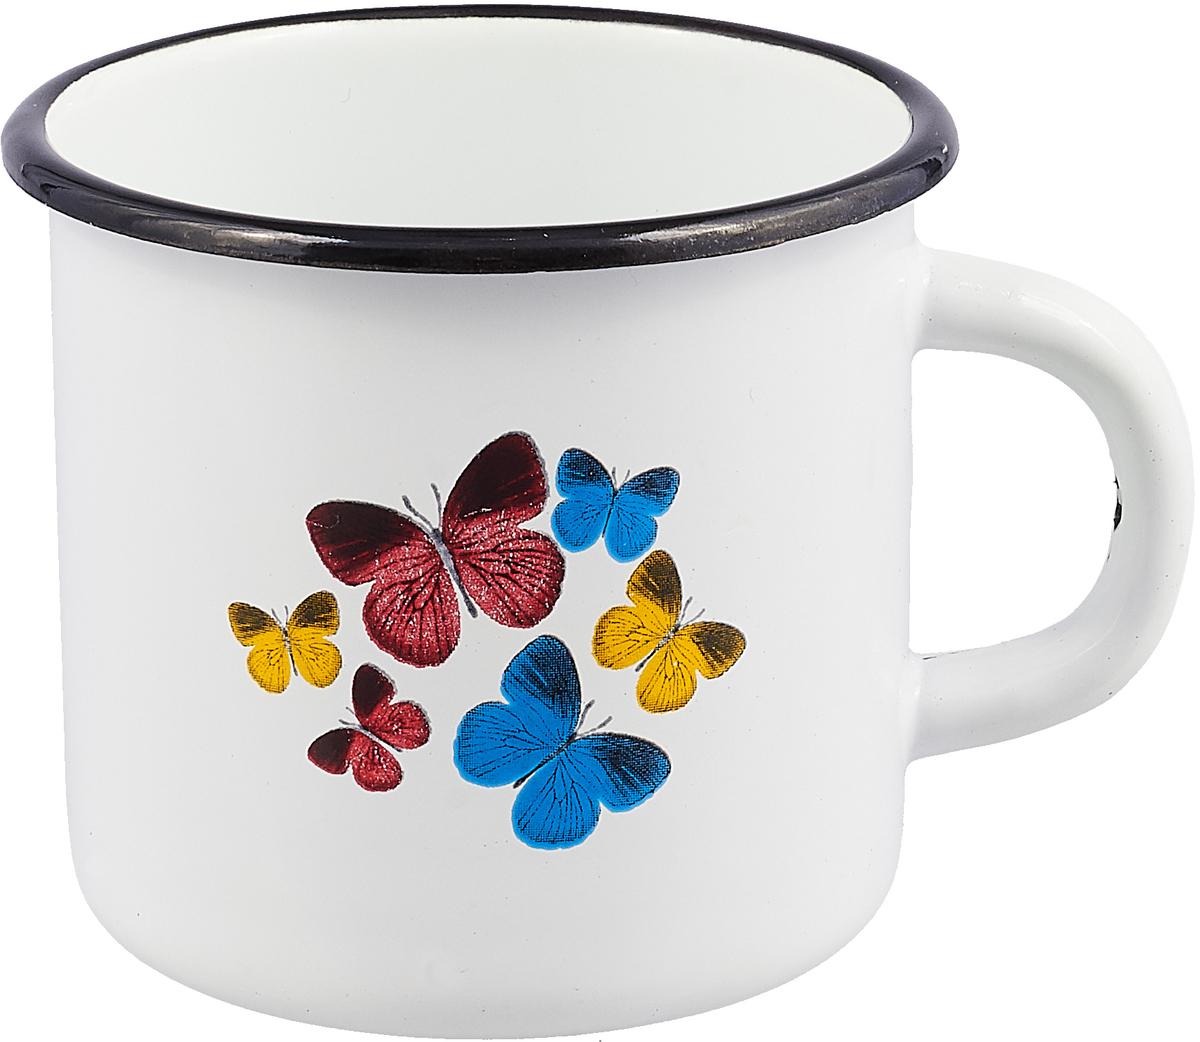 Кружка эмалированная Эмаль Бабочки, цвет: белый, 400 мл01-0103/4М_белый, бабочкиКружка эмалированная Эмаль Бабочки, цвет: белый, 400 мл